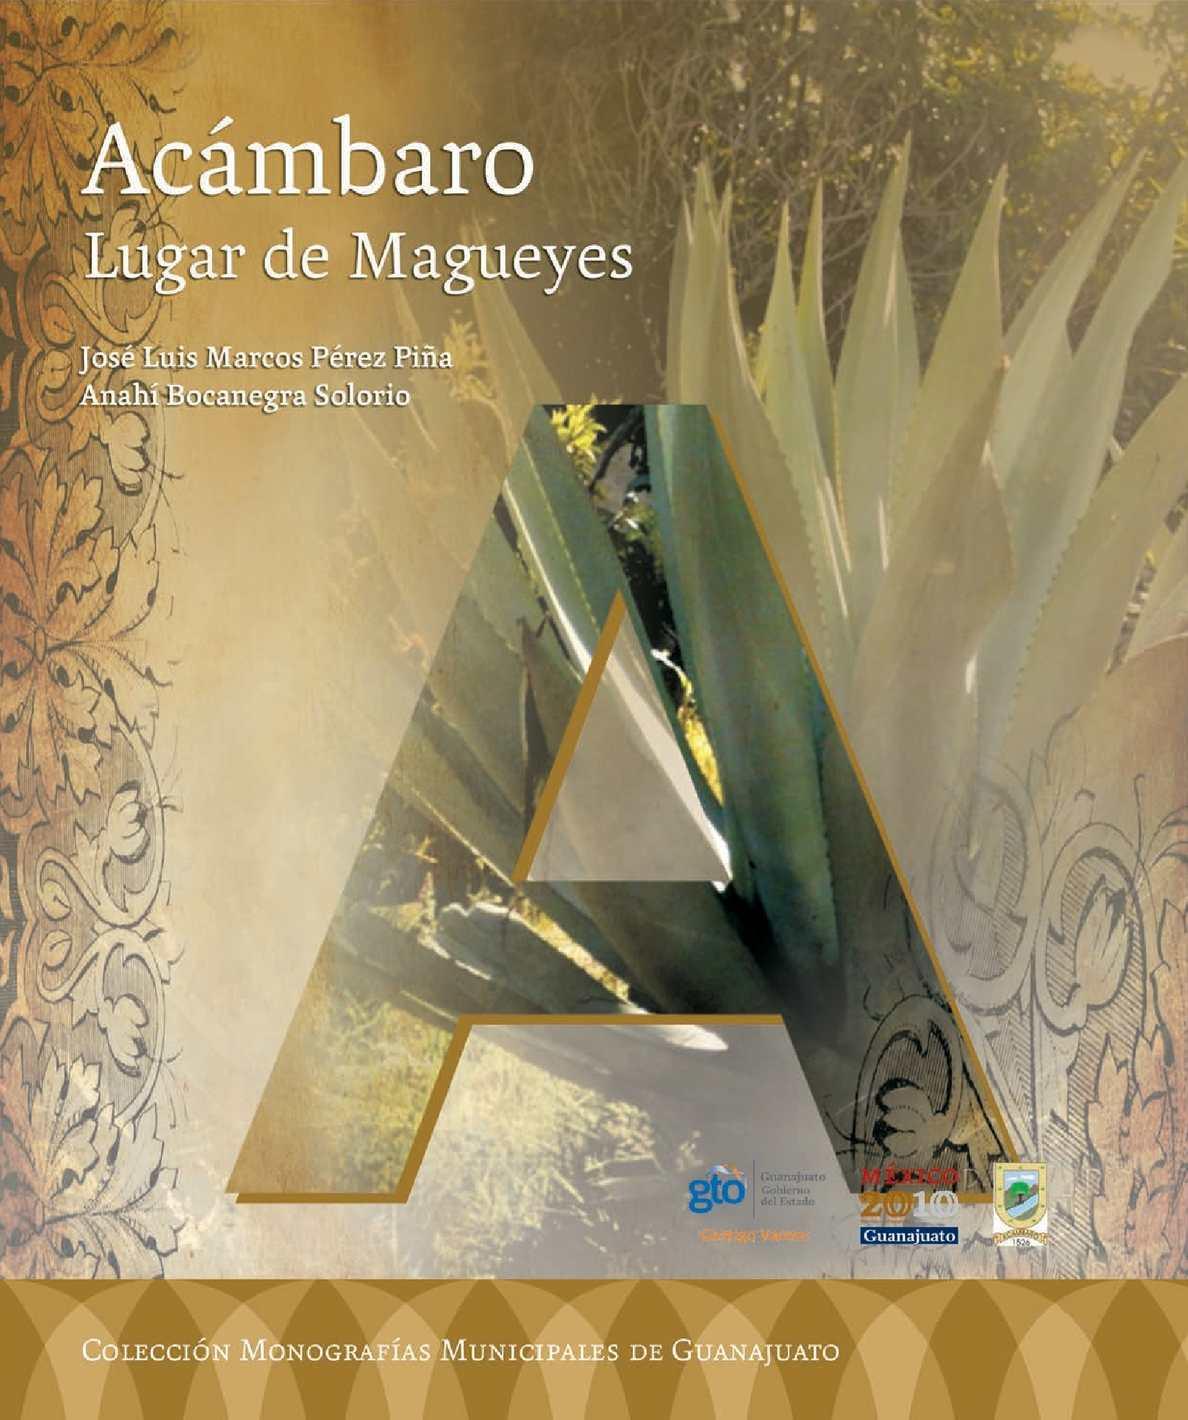 Calaméo - Monografia (Acambaro) 2010